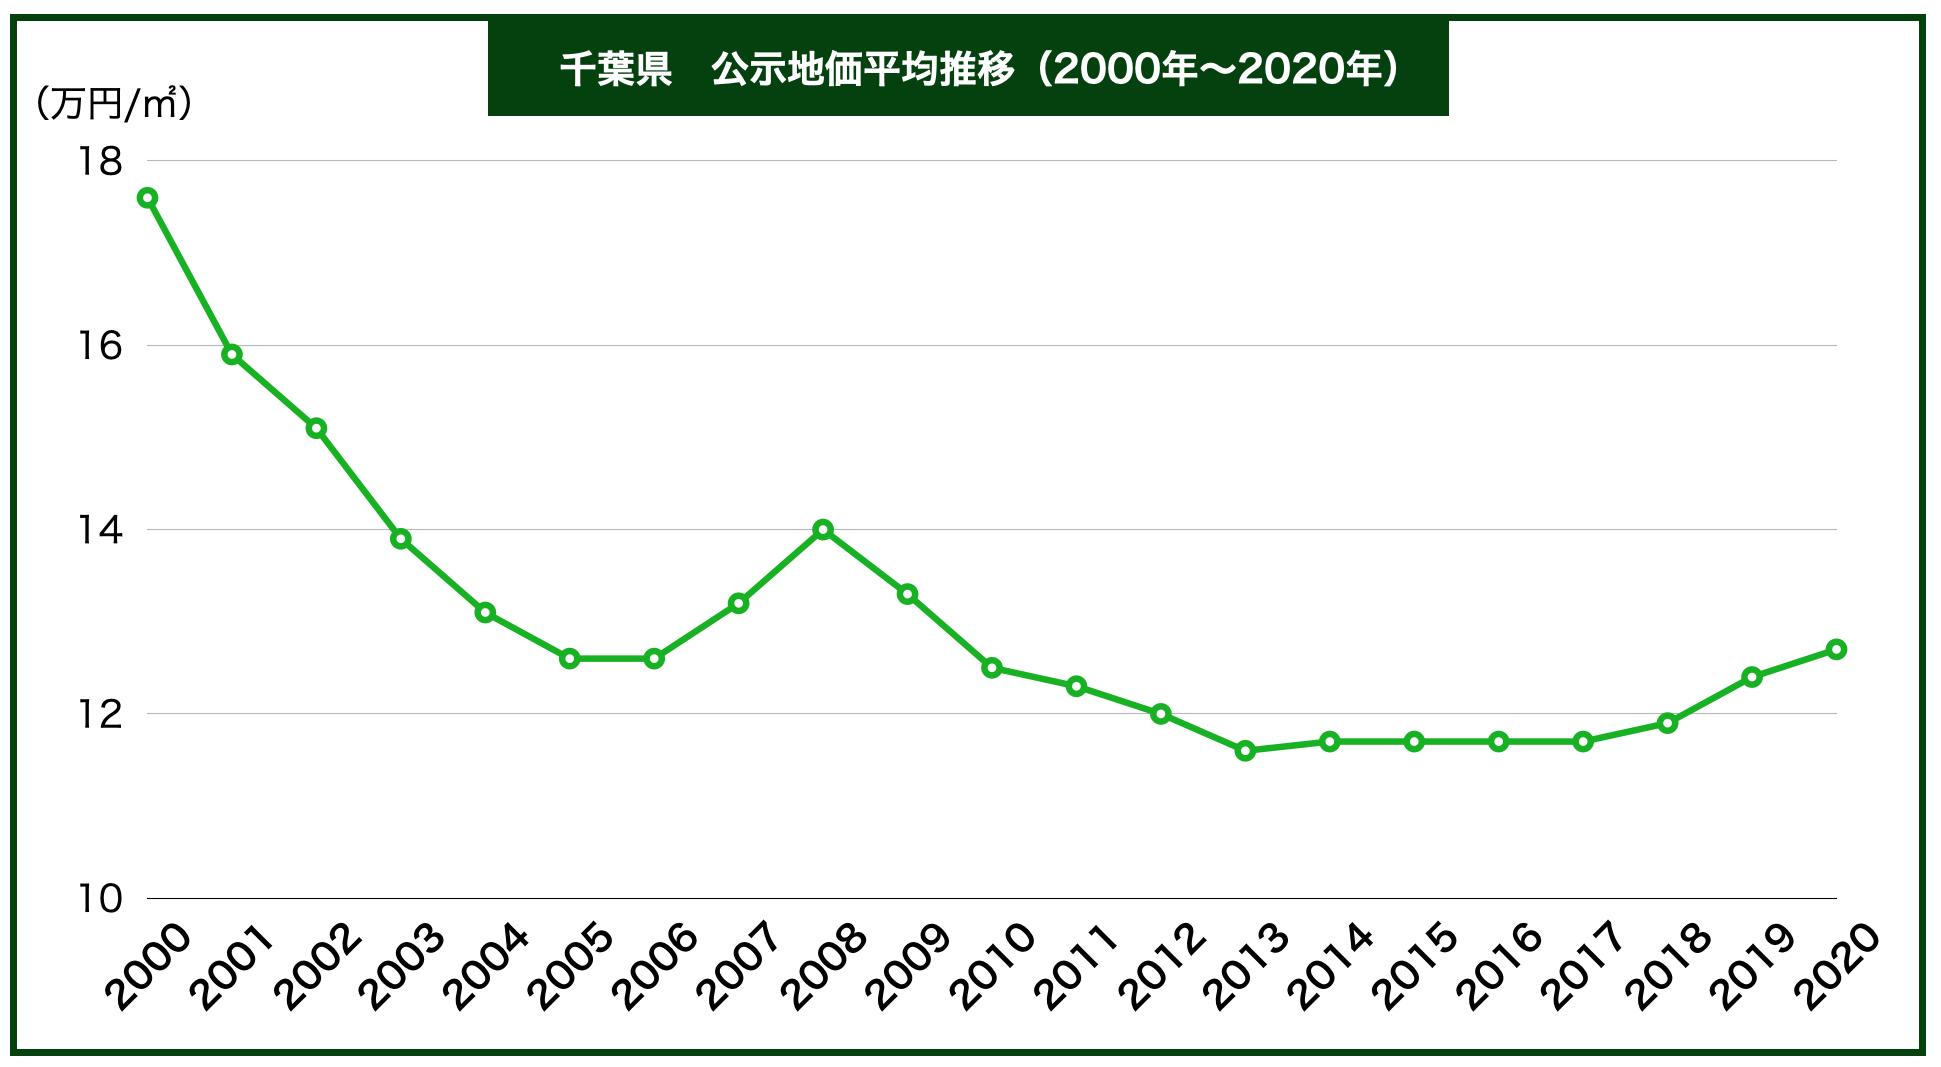 千葉県公示地価の推移